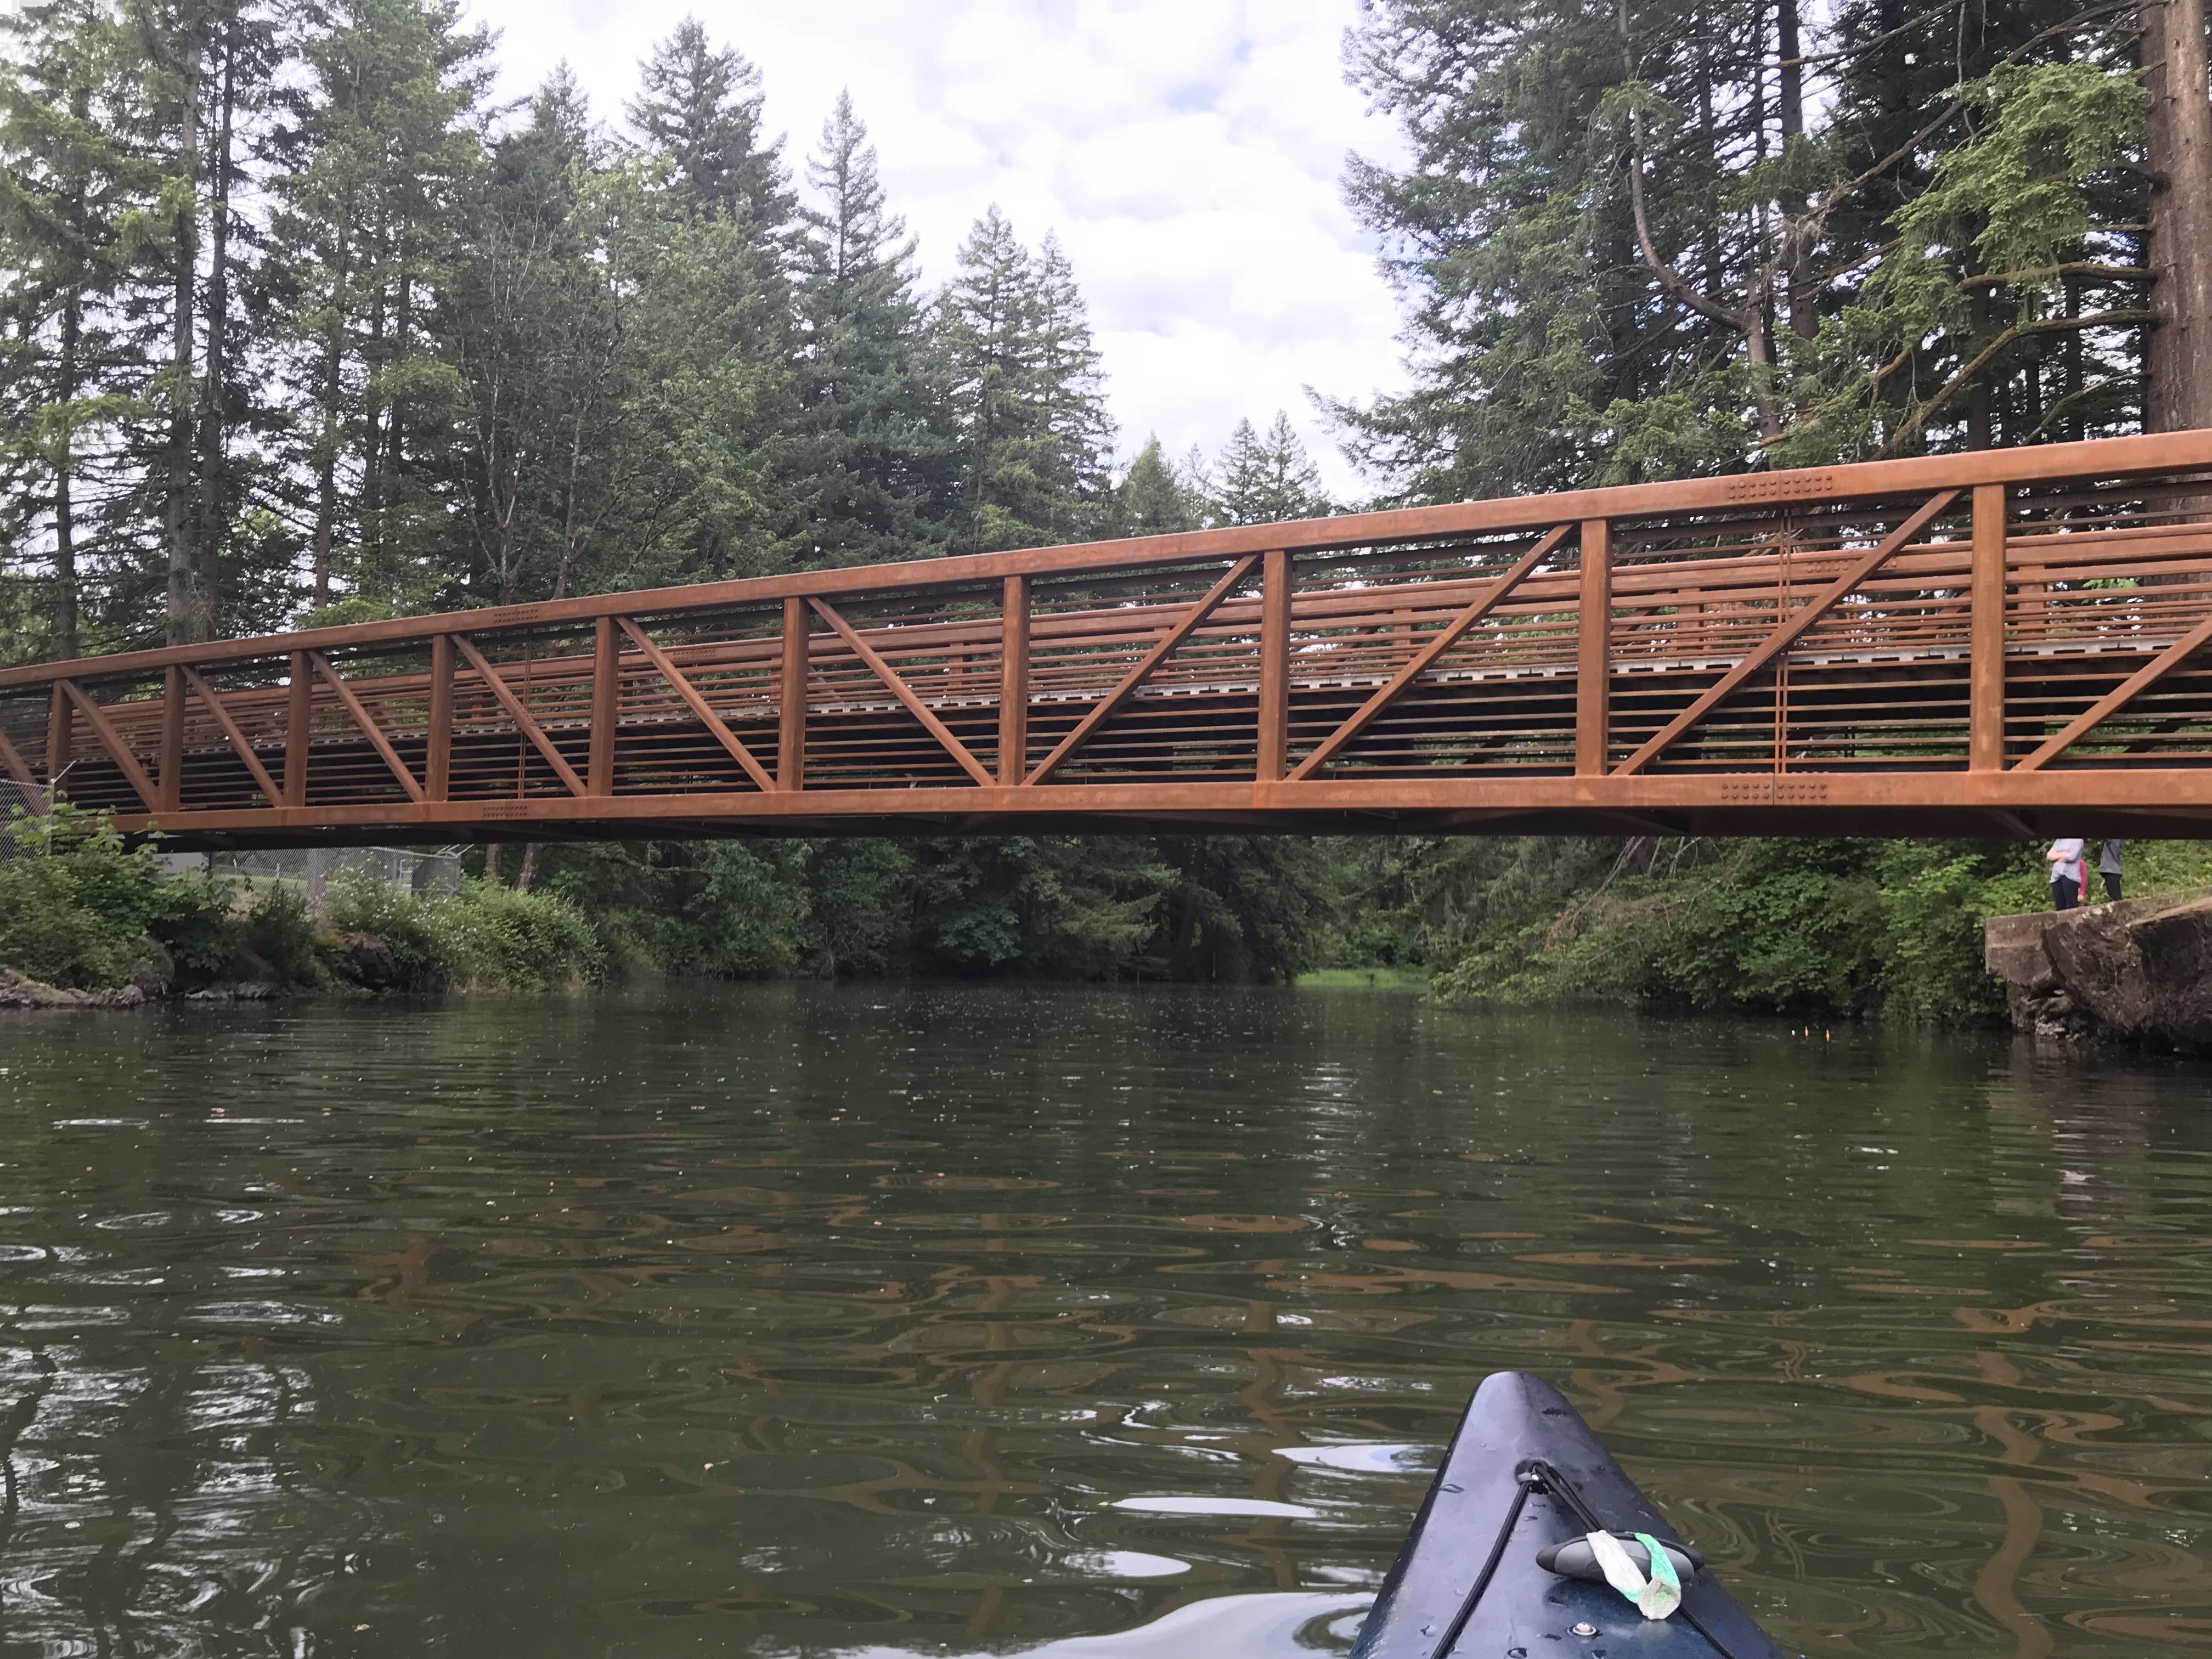 Paddling Lacamas lake and round lake  – Kayaking Seattle